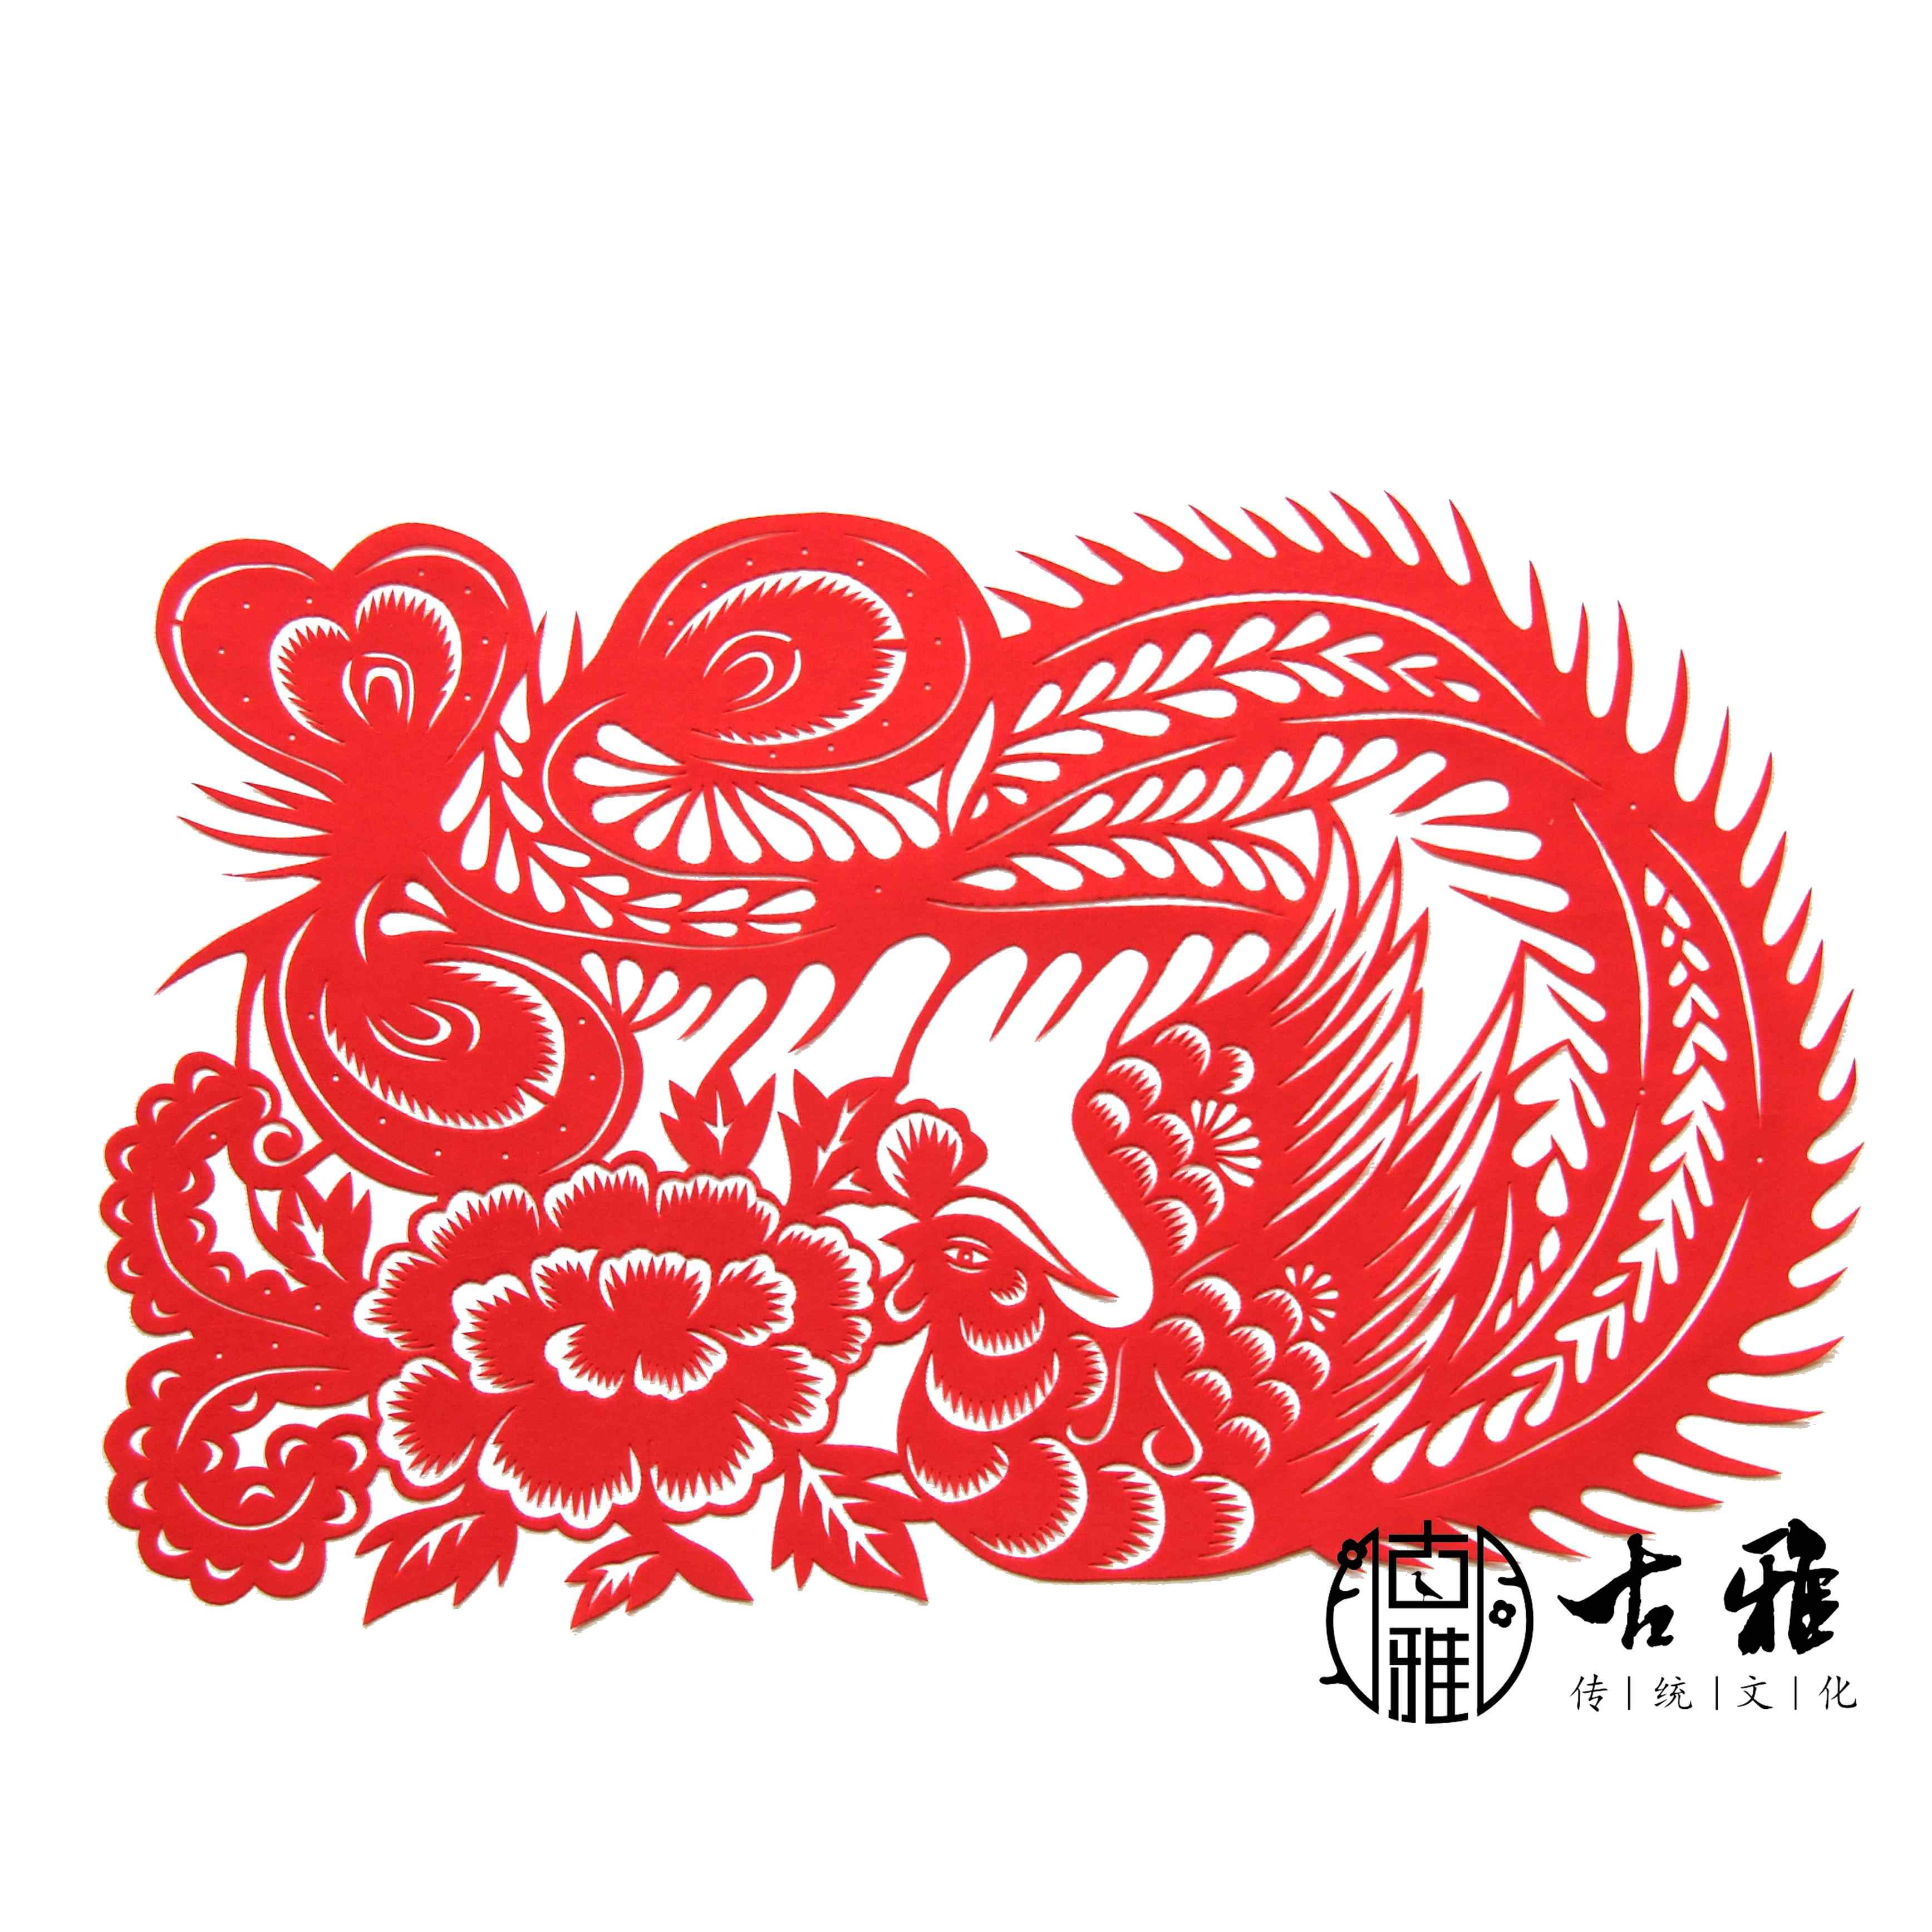 青岛胶州古雅手工剪纸不褪色宣纸牡丹凤凰中国风礼品图片